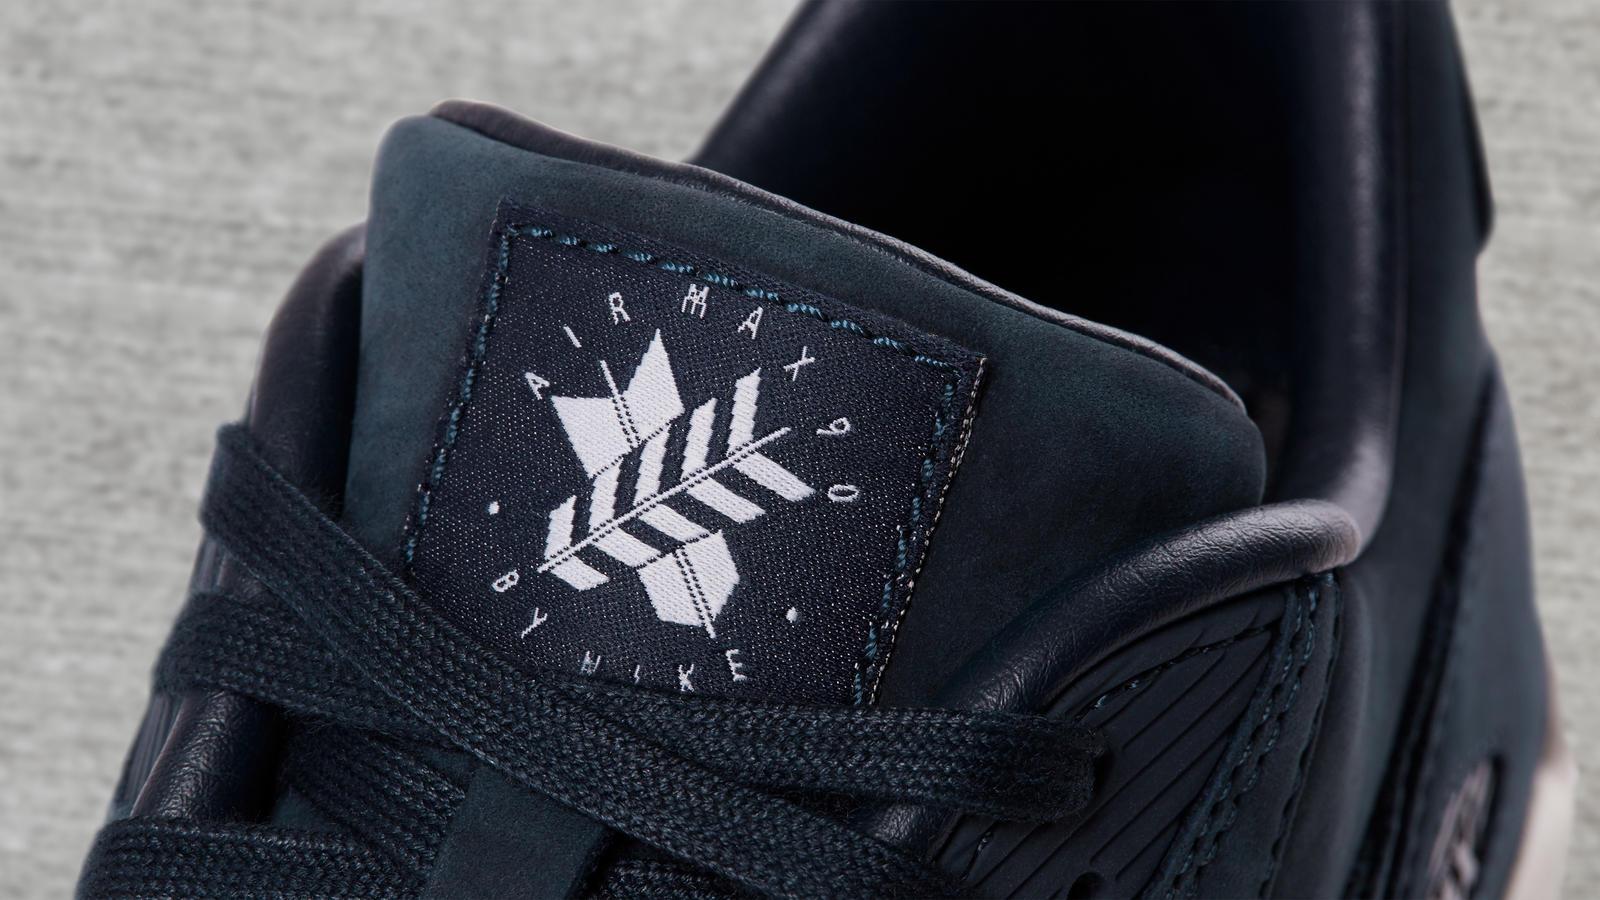 NIKEiD Air Max 1 Indigo Nike News